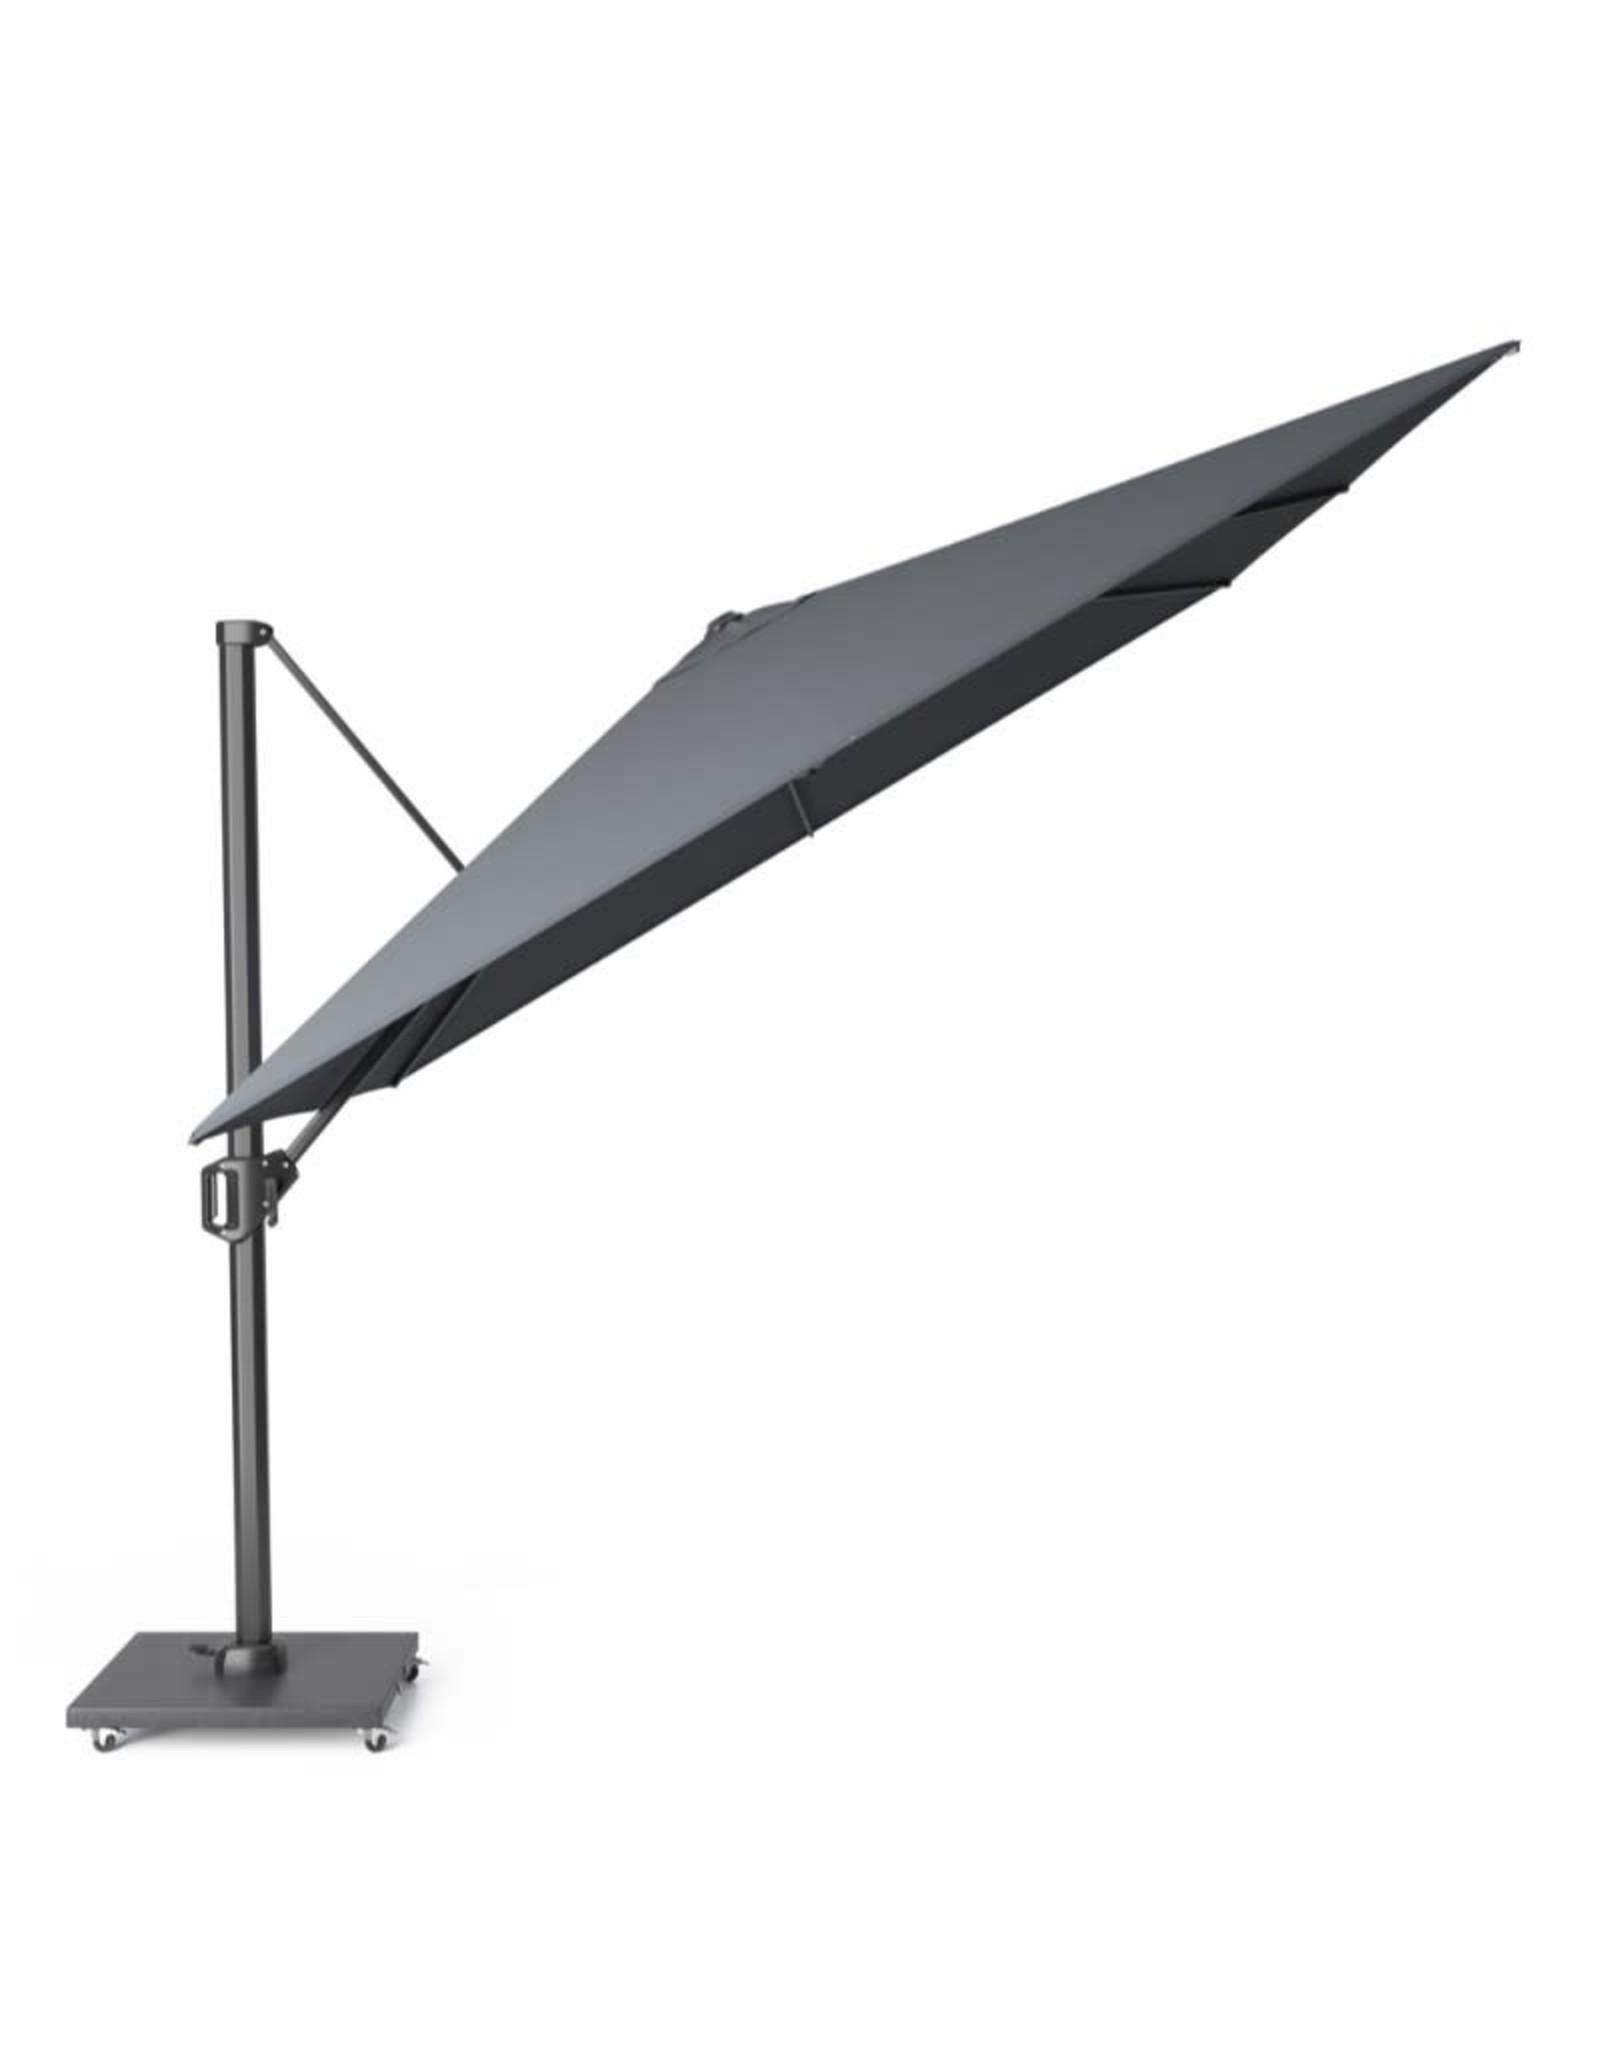 Platinum Platinum Free arm parasol Challenger T1 3x3 Anthracite